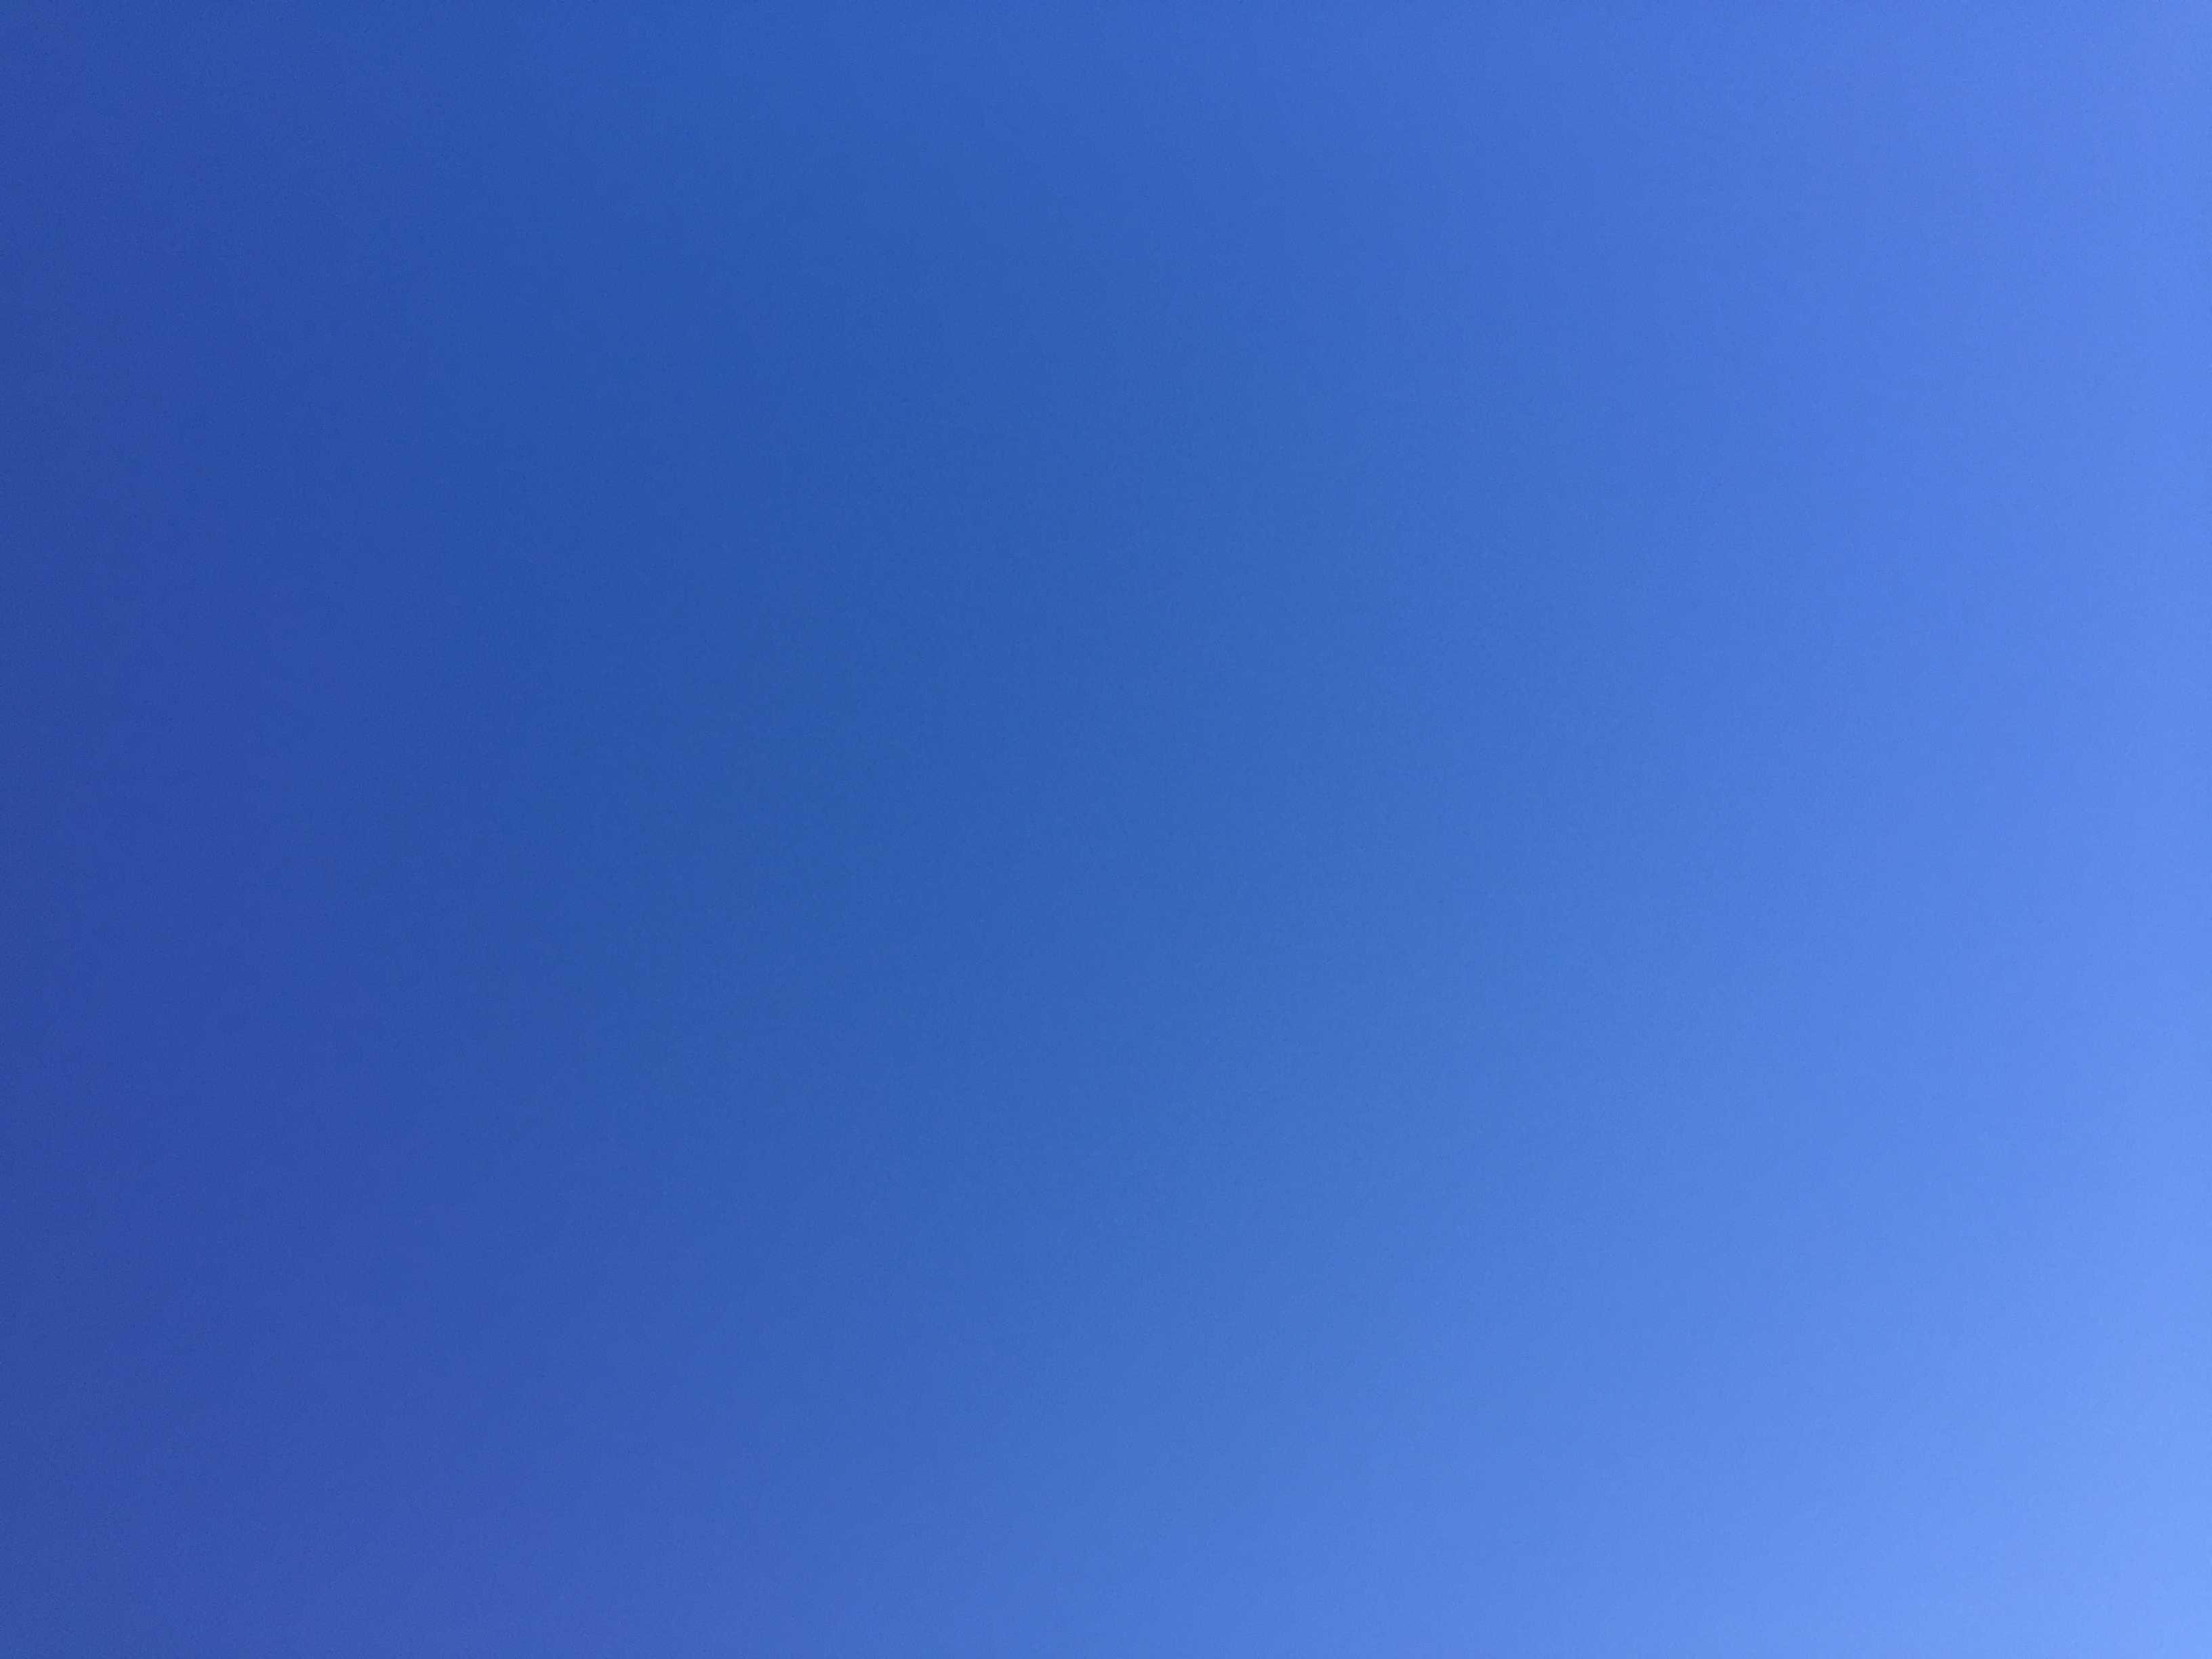 2月の八王子の青空(ブルースカイ)